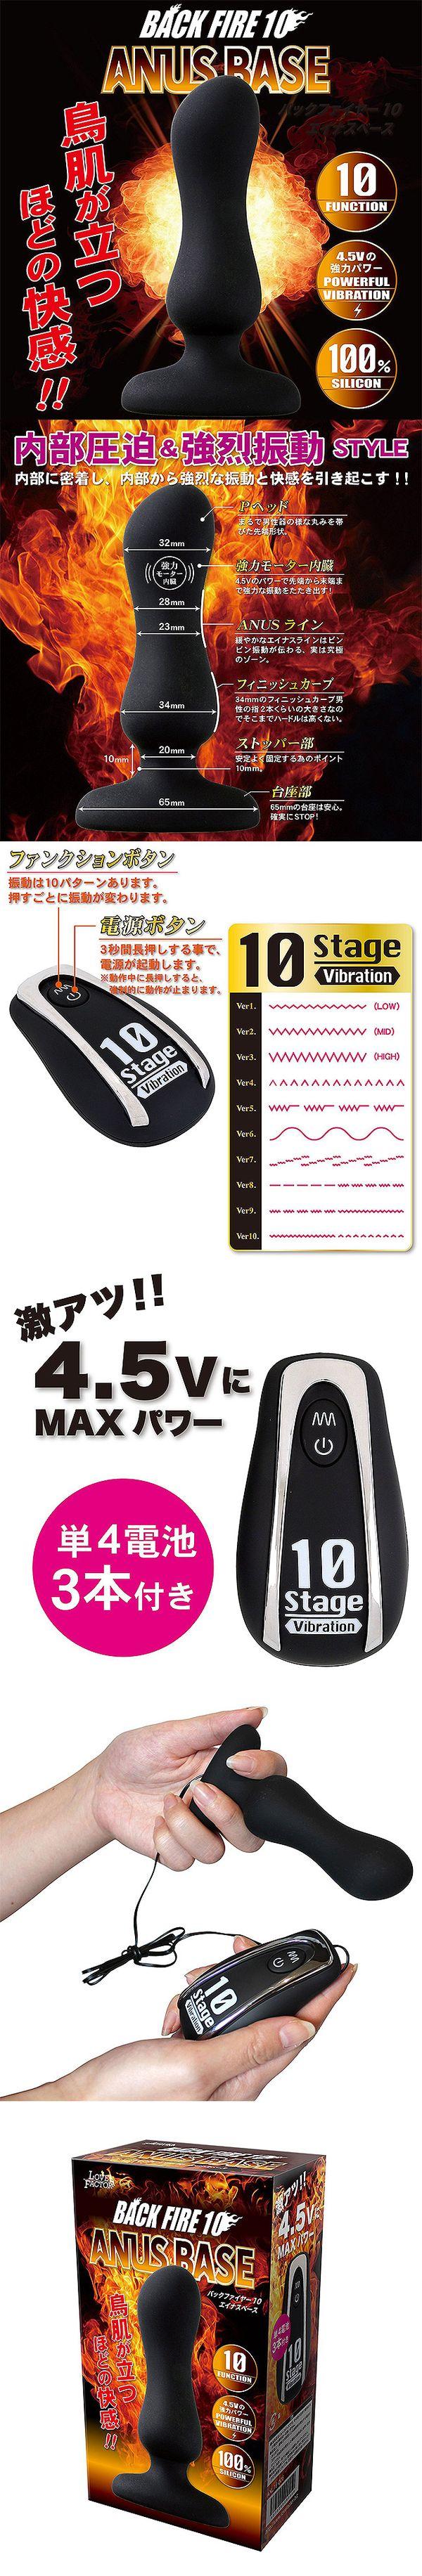 附圖2-日本NPG*10段階快感後庭電動按摩棒